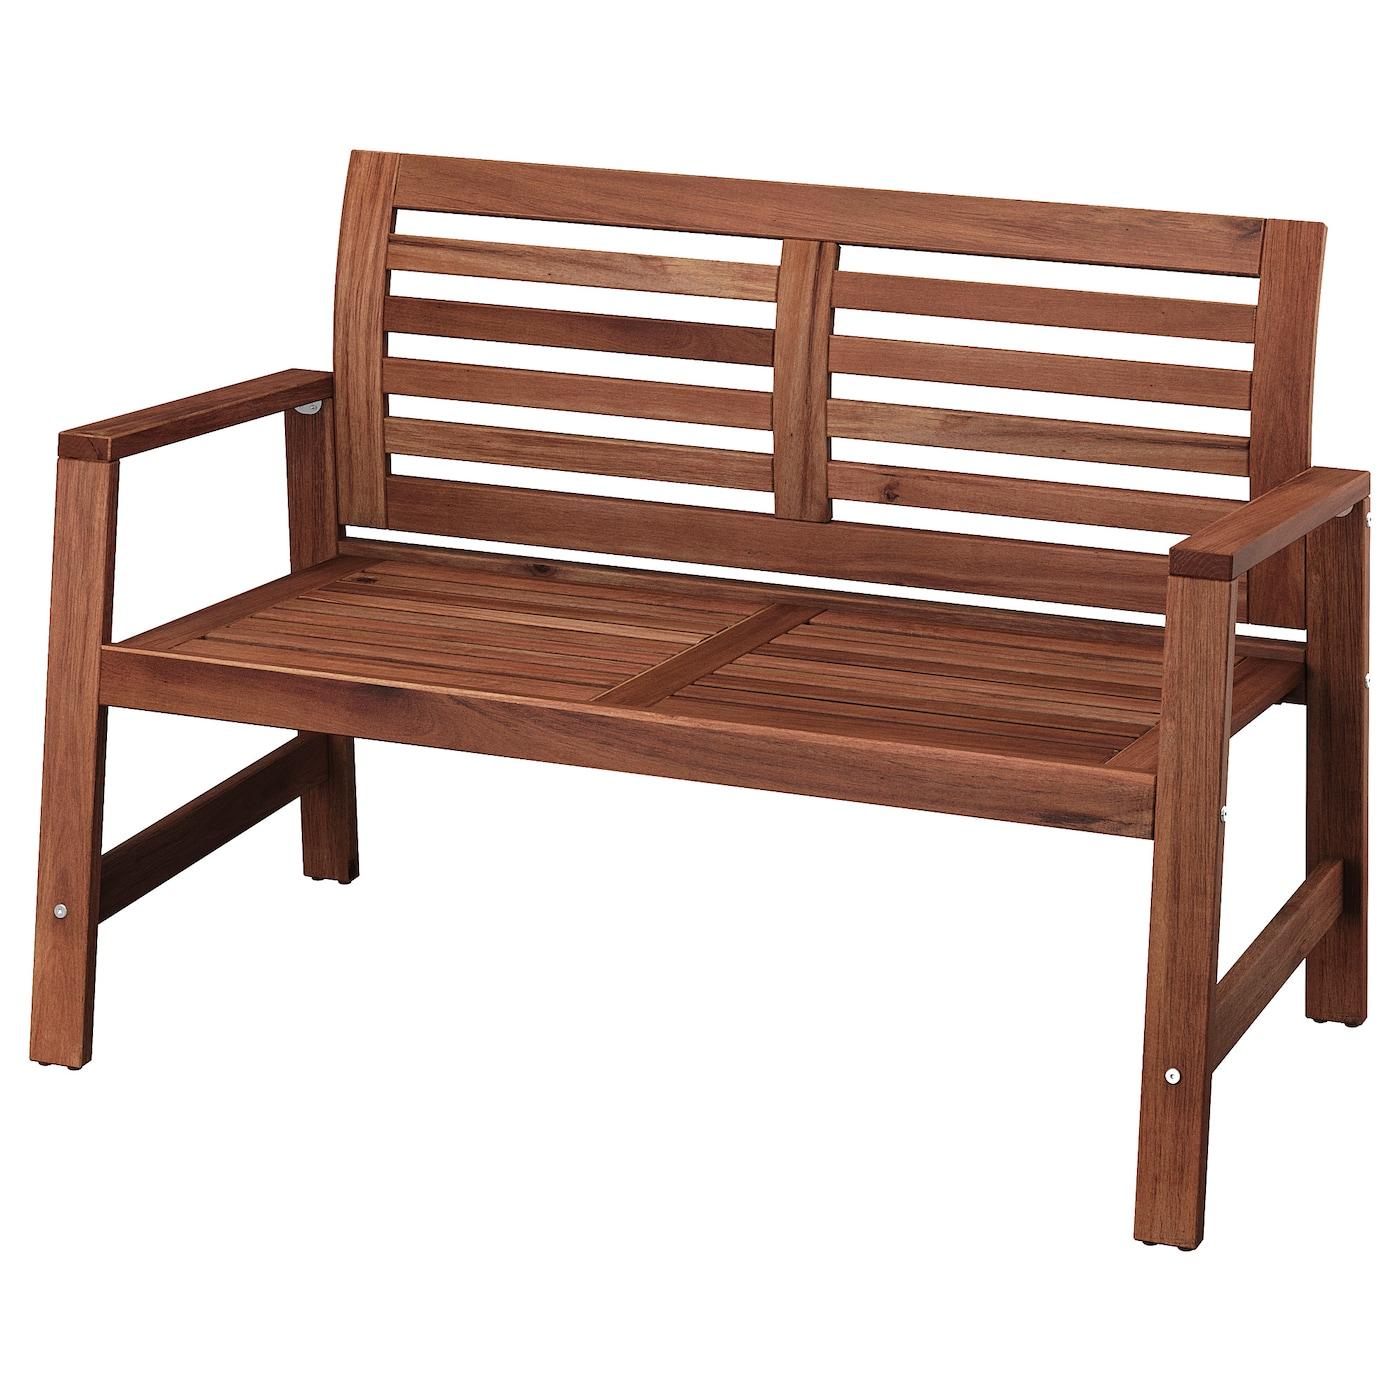 Full Size of Betten Ikea 160x200 Küche Kaufen Sofa Mit Schlaffunktion Kosten Modulküche Miniküche Bei Wohnzimmer Ikea Küchenbank